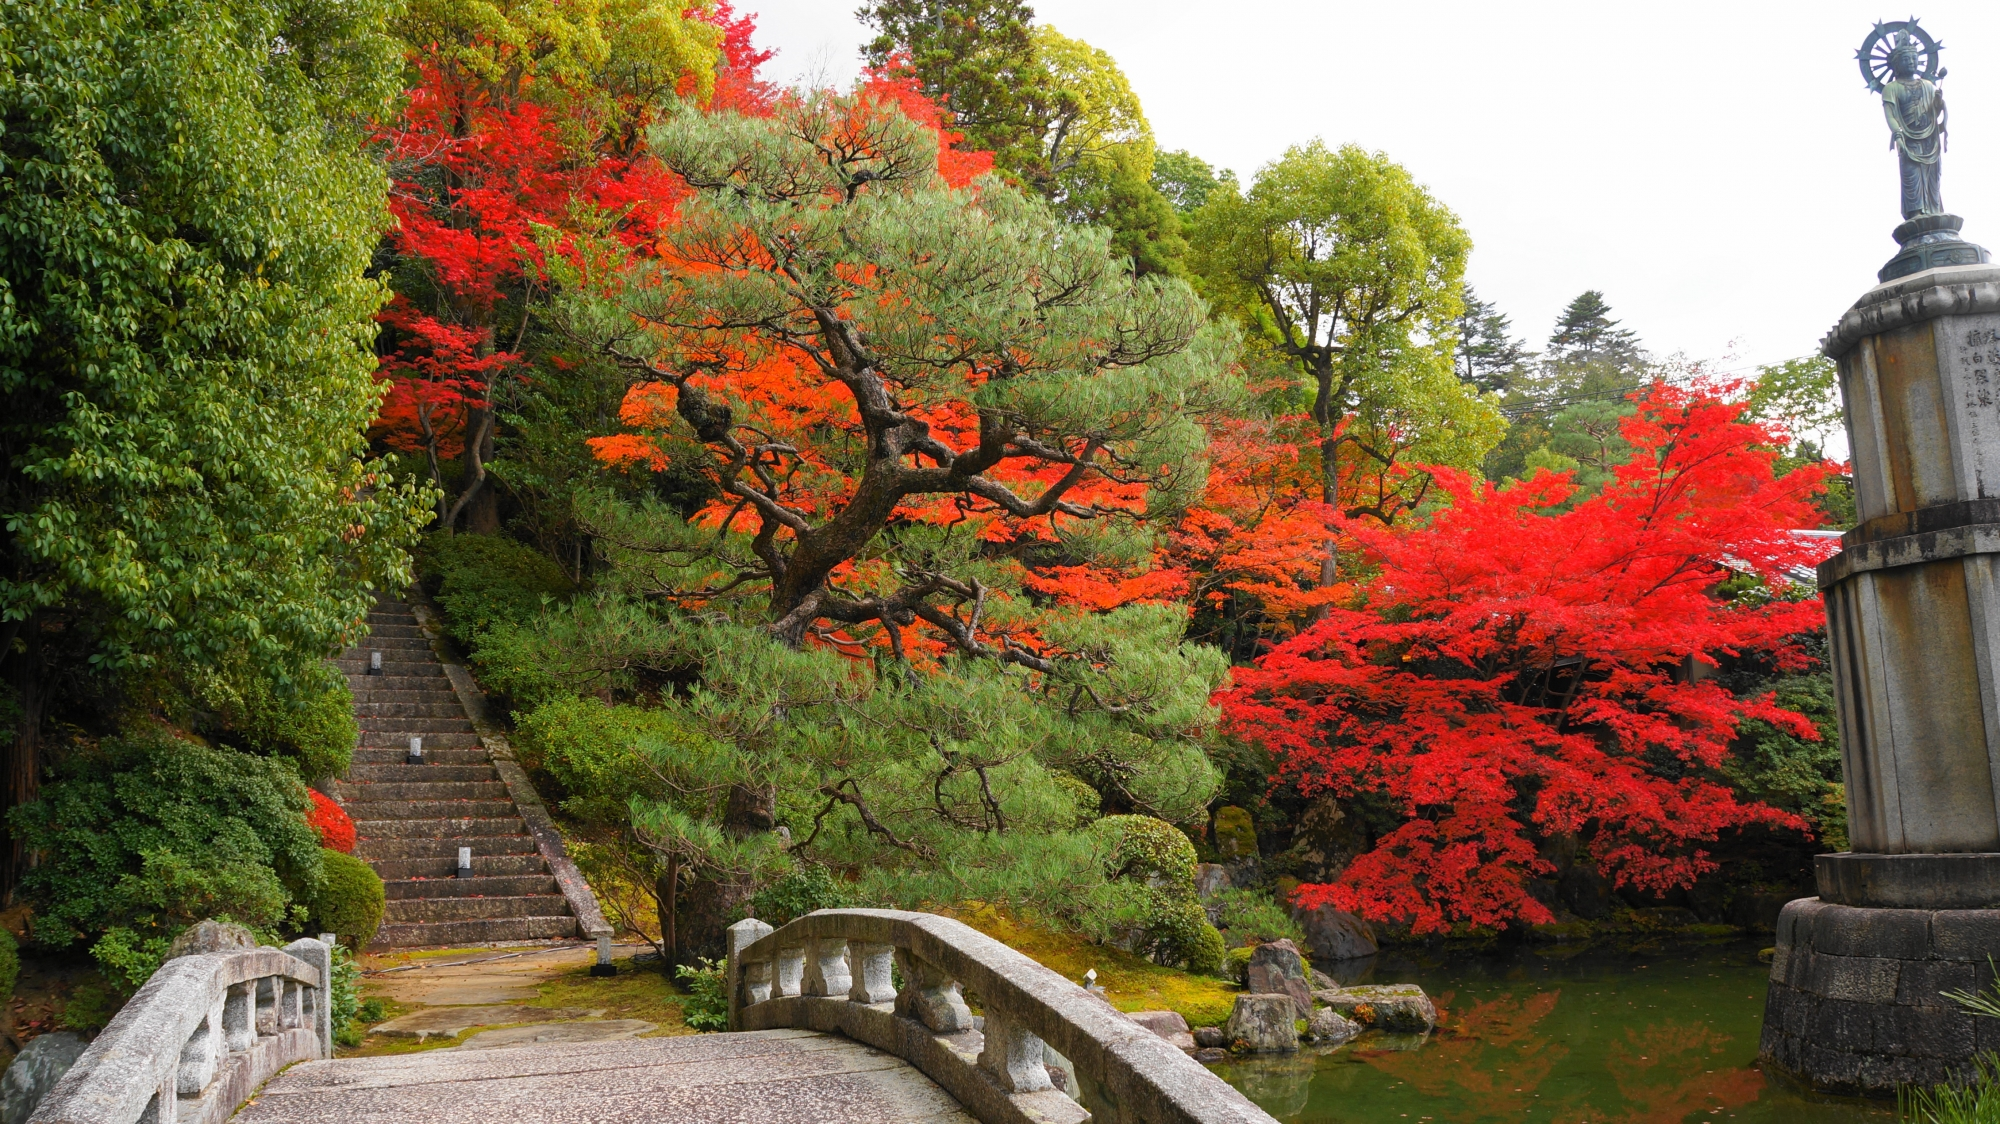 石橋と補陀落池を彩る優雅なも紅葉